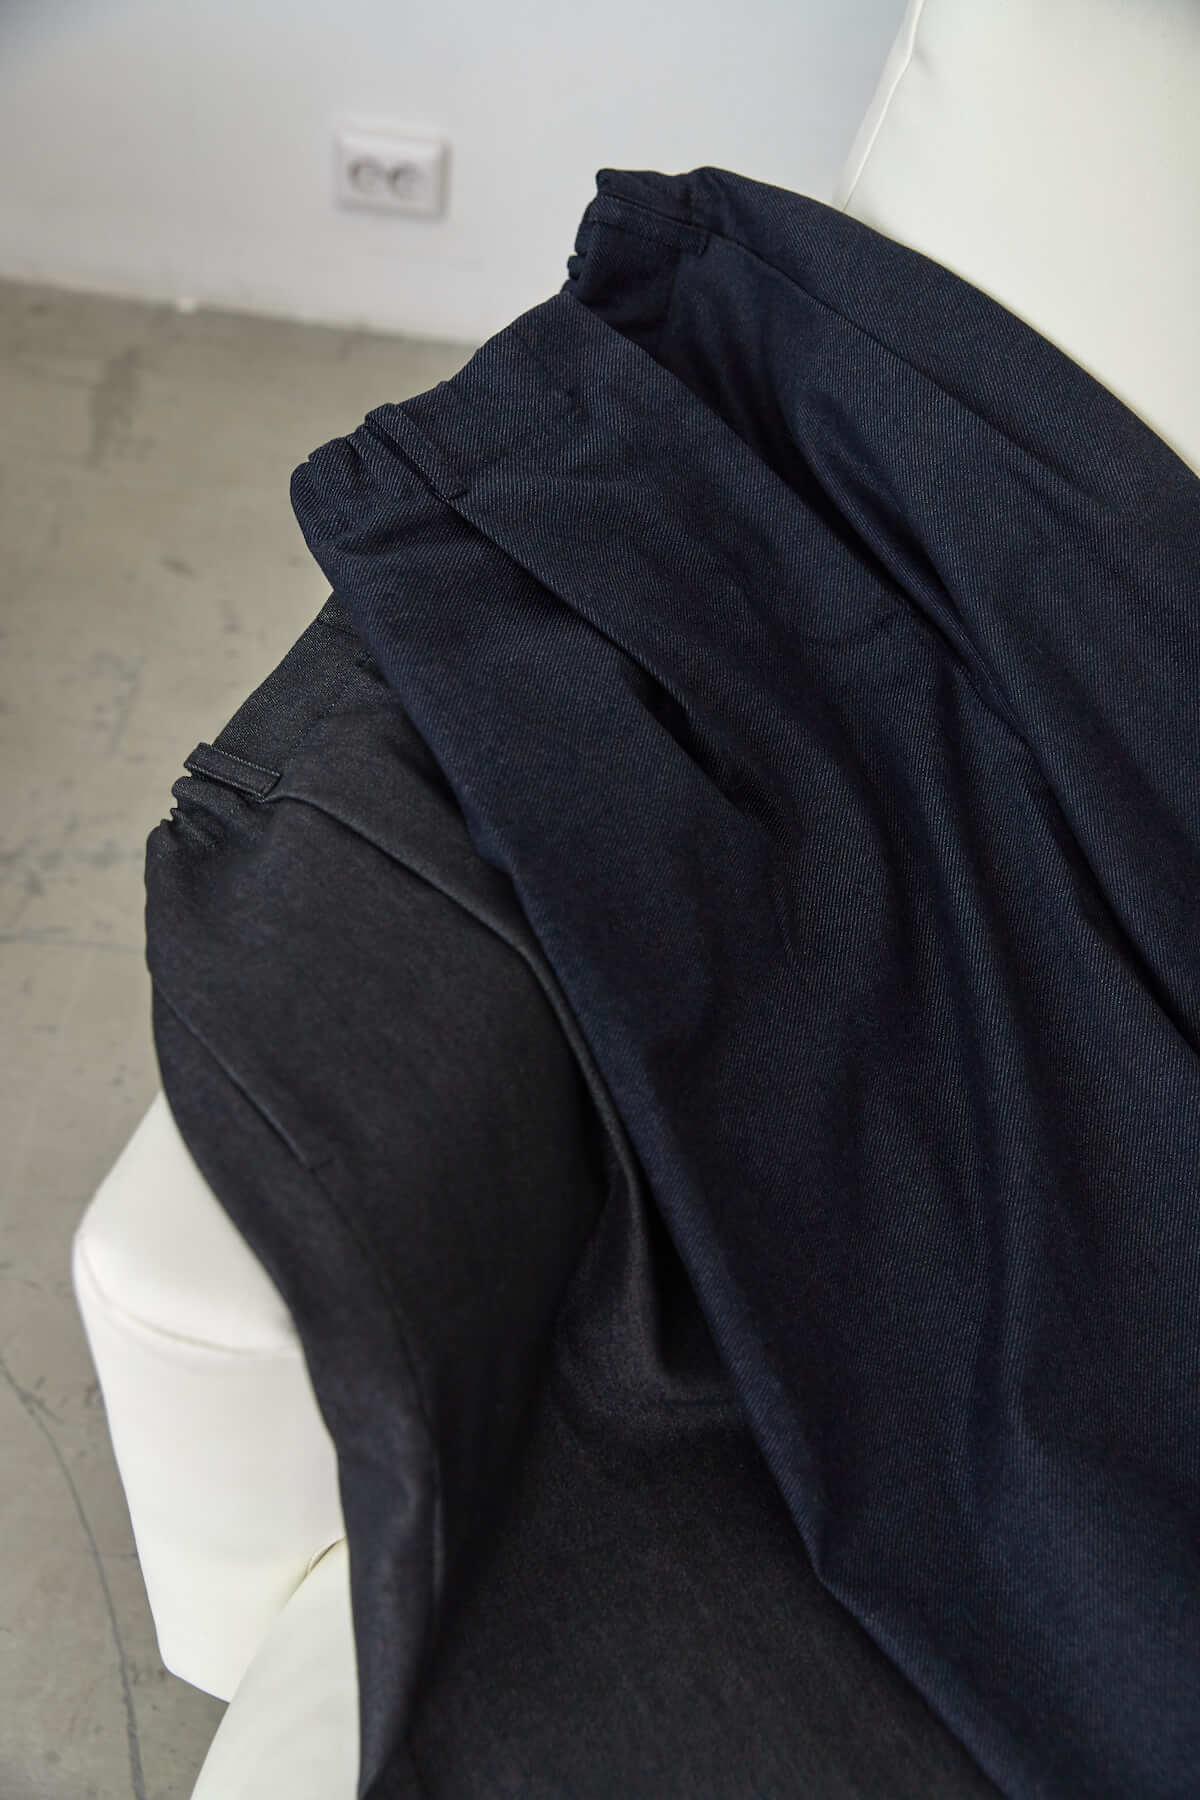 Брюки-слоуч, темно-синяя шерсть